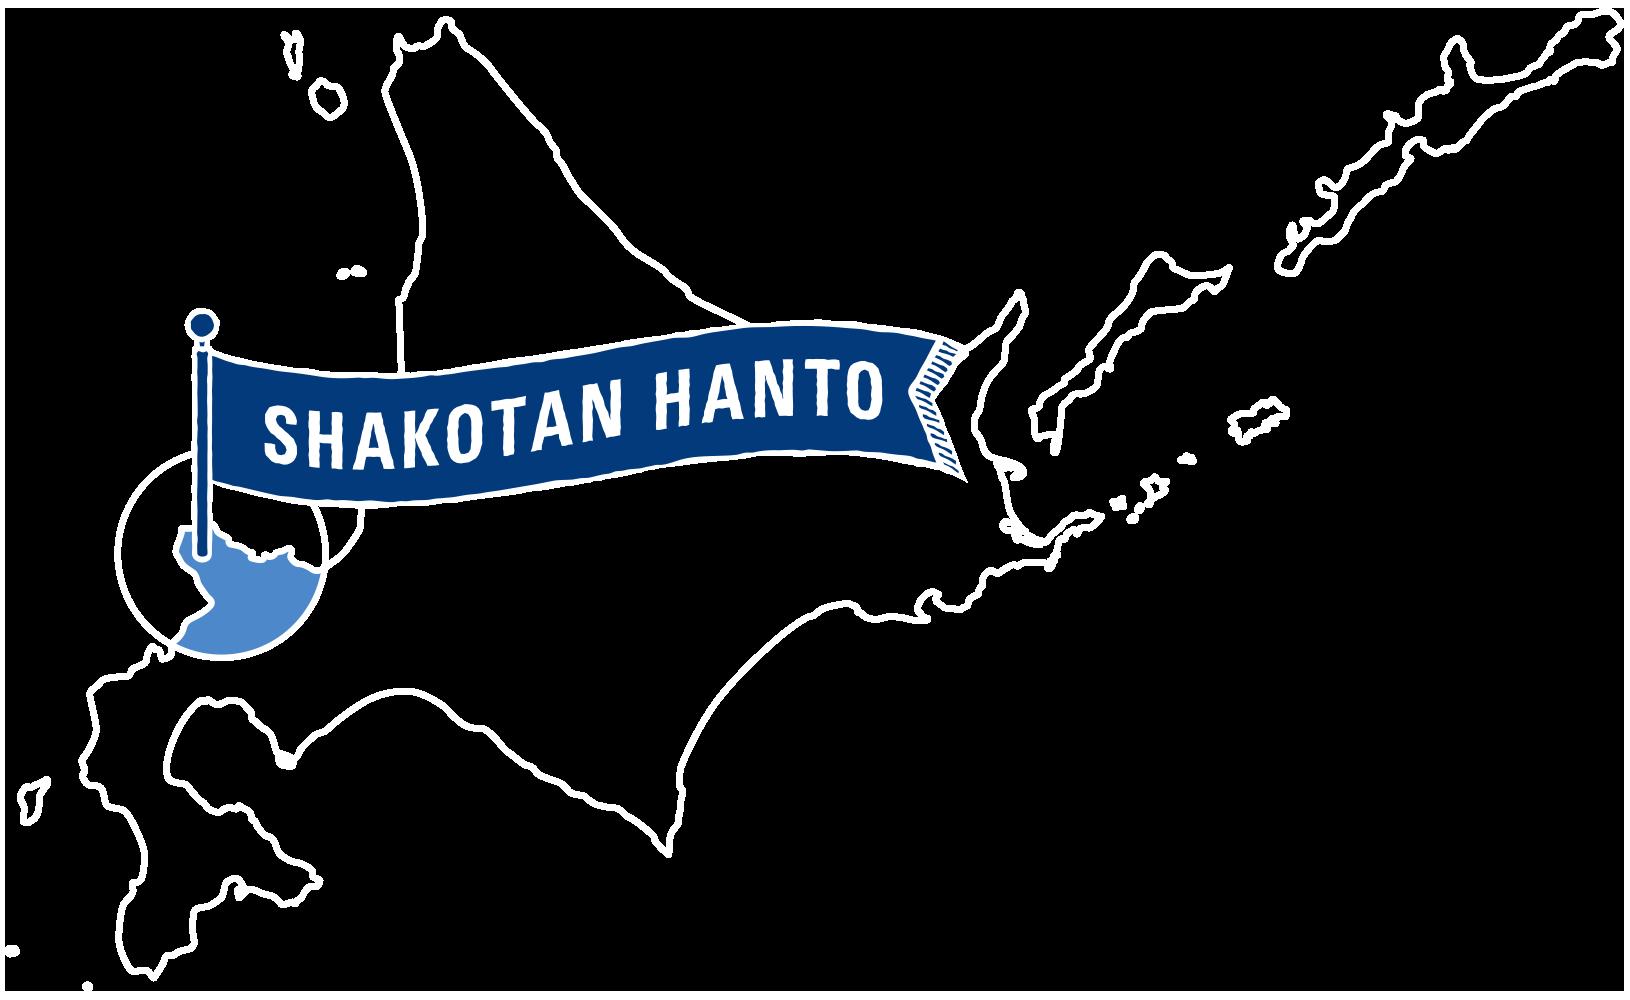 SHAKOTAN HANTO